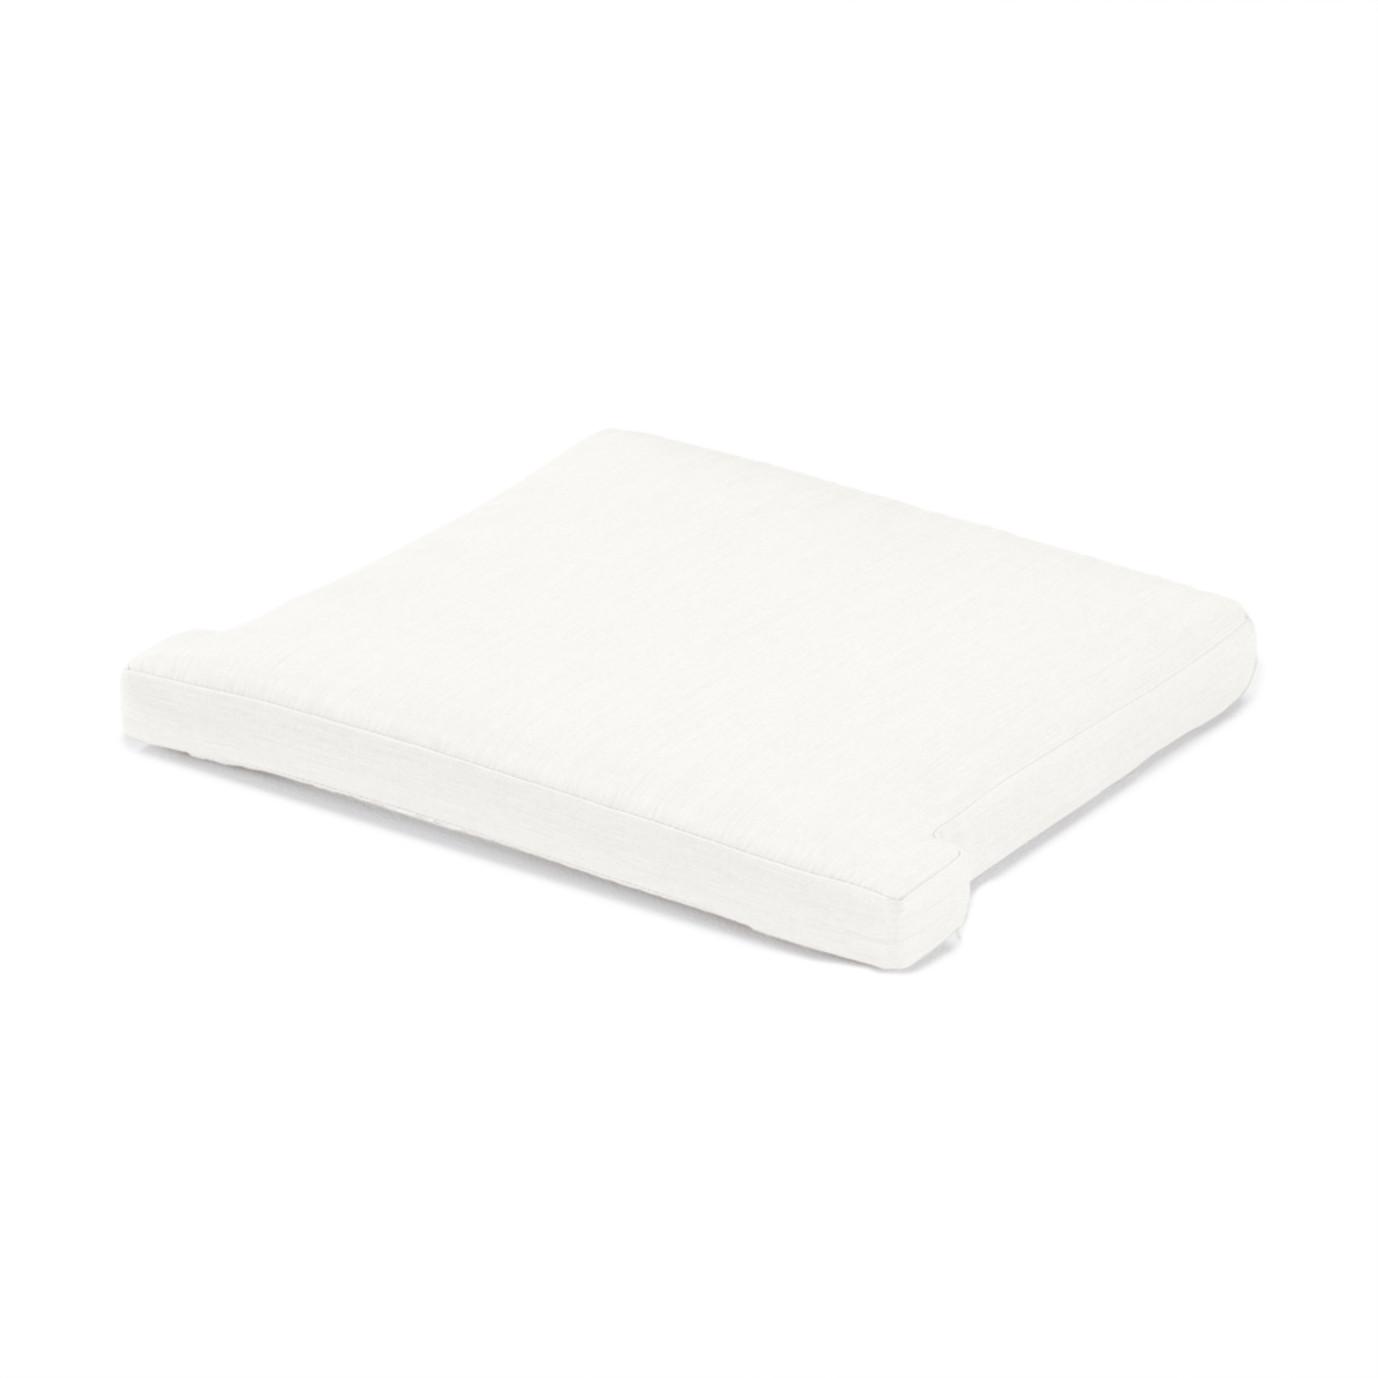 Vistano® Arm Dining Chair Cushion - Flax